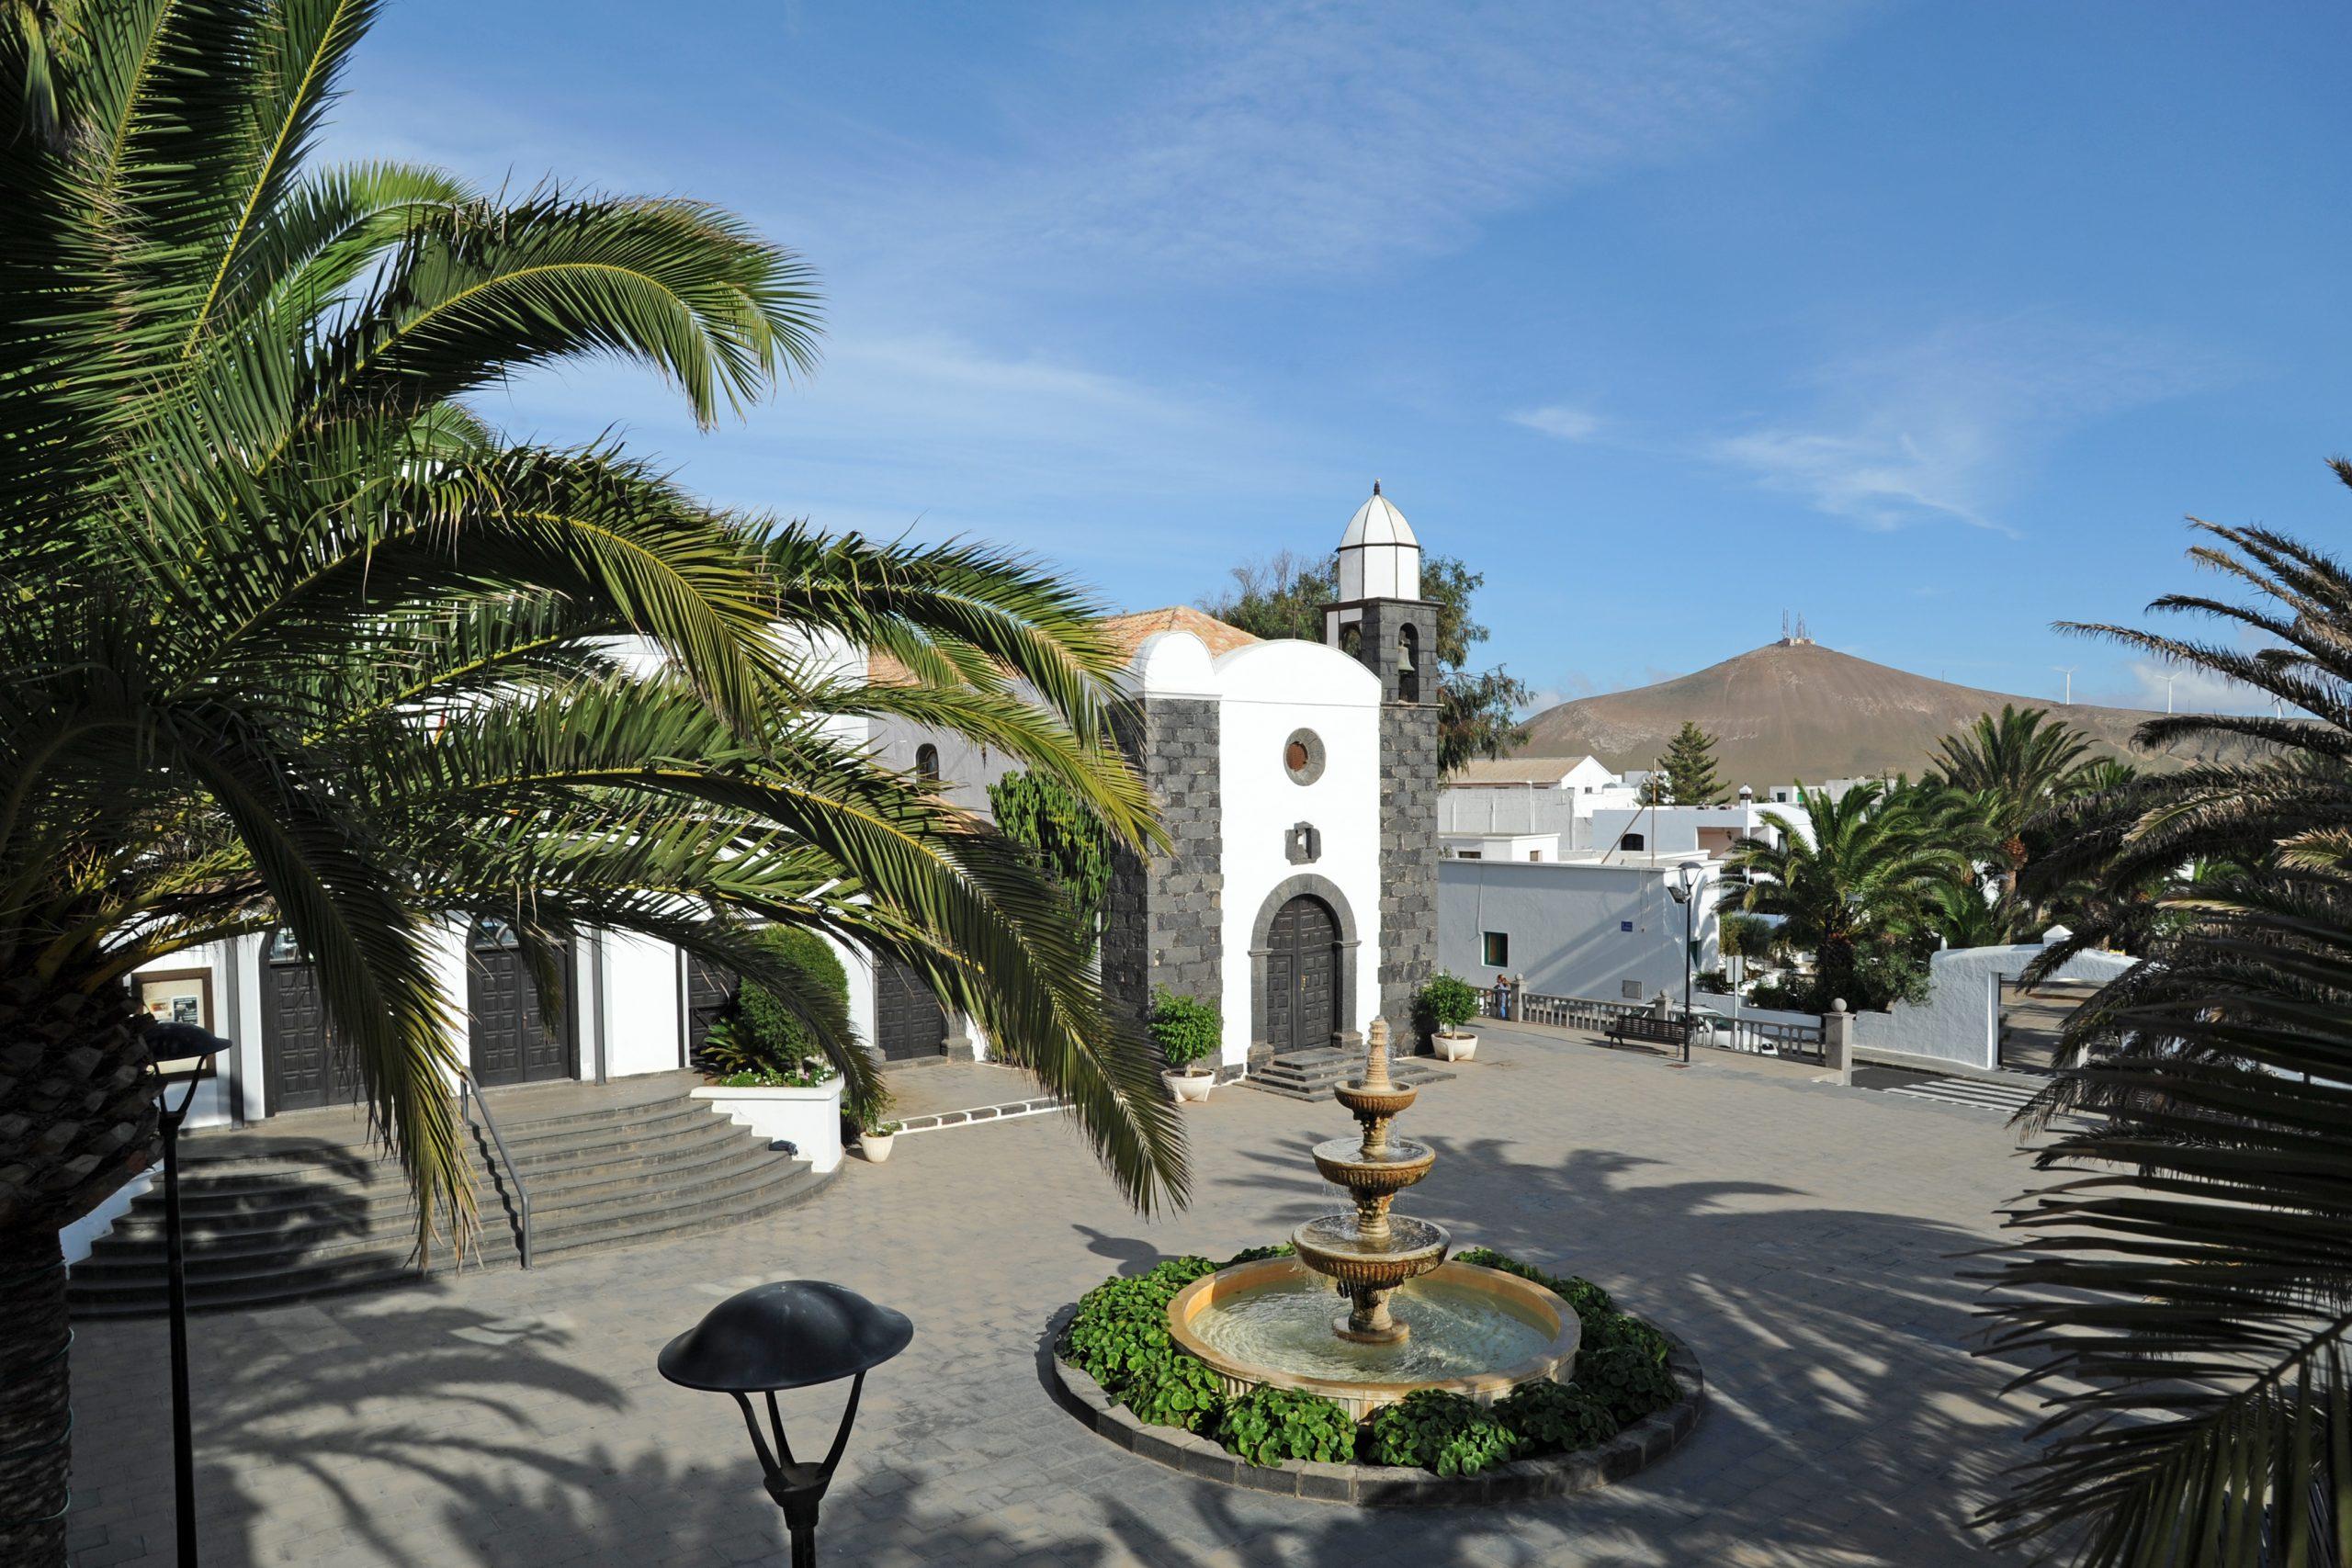 Publicada la convocatoria de las subvenciones a autónomos, microempresas y pequeñas empresas del municipio de San Bartolomé